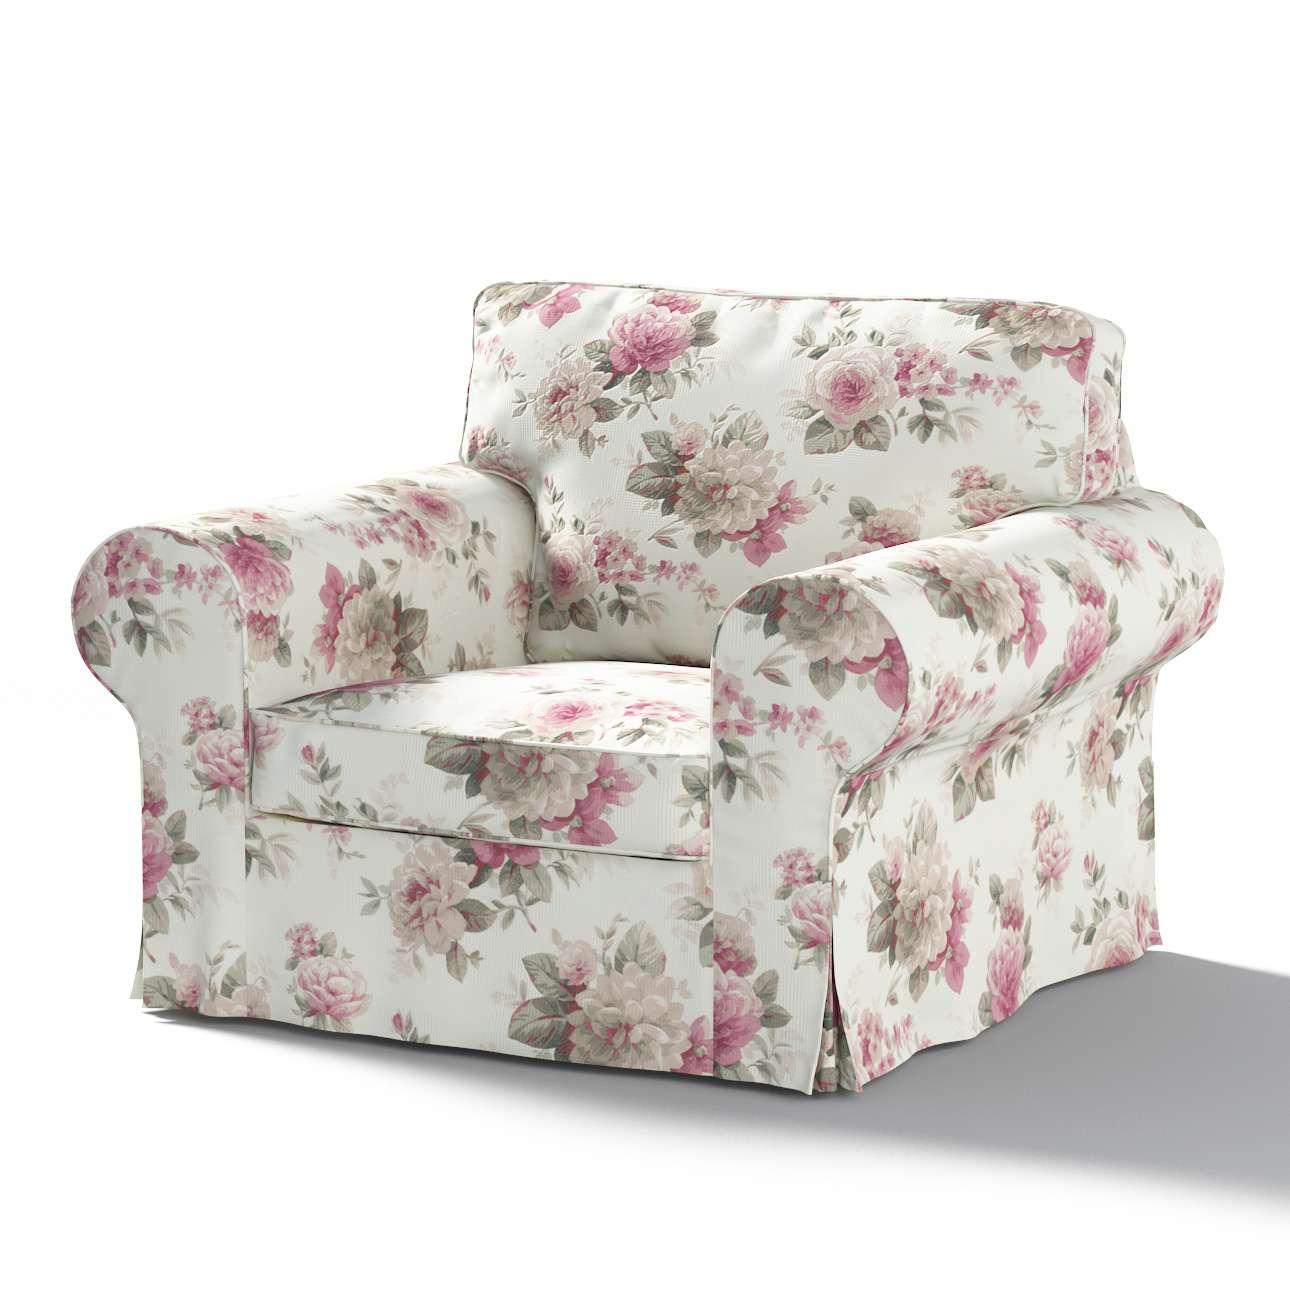 Pokrowiec na fotel Ektorp Fotel Ektorp w kolekcji Mirella, tkanina: 141-07